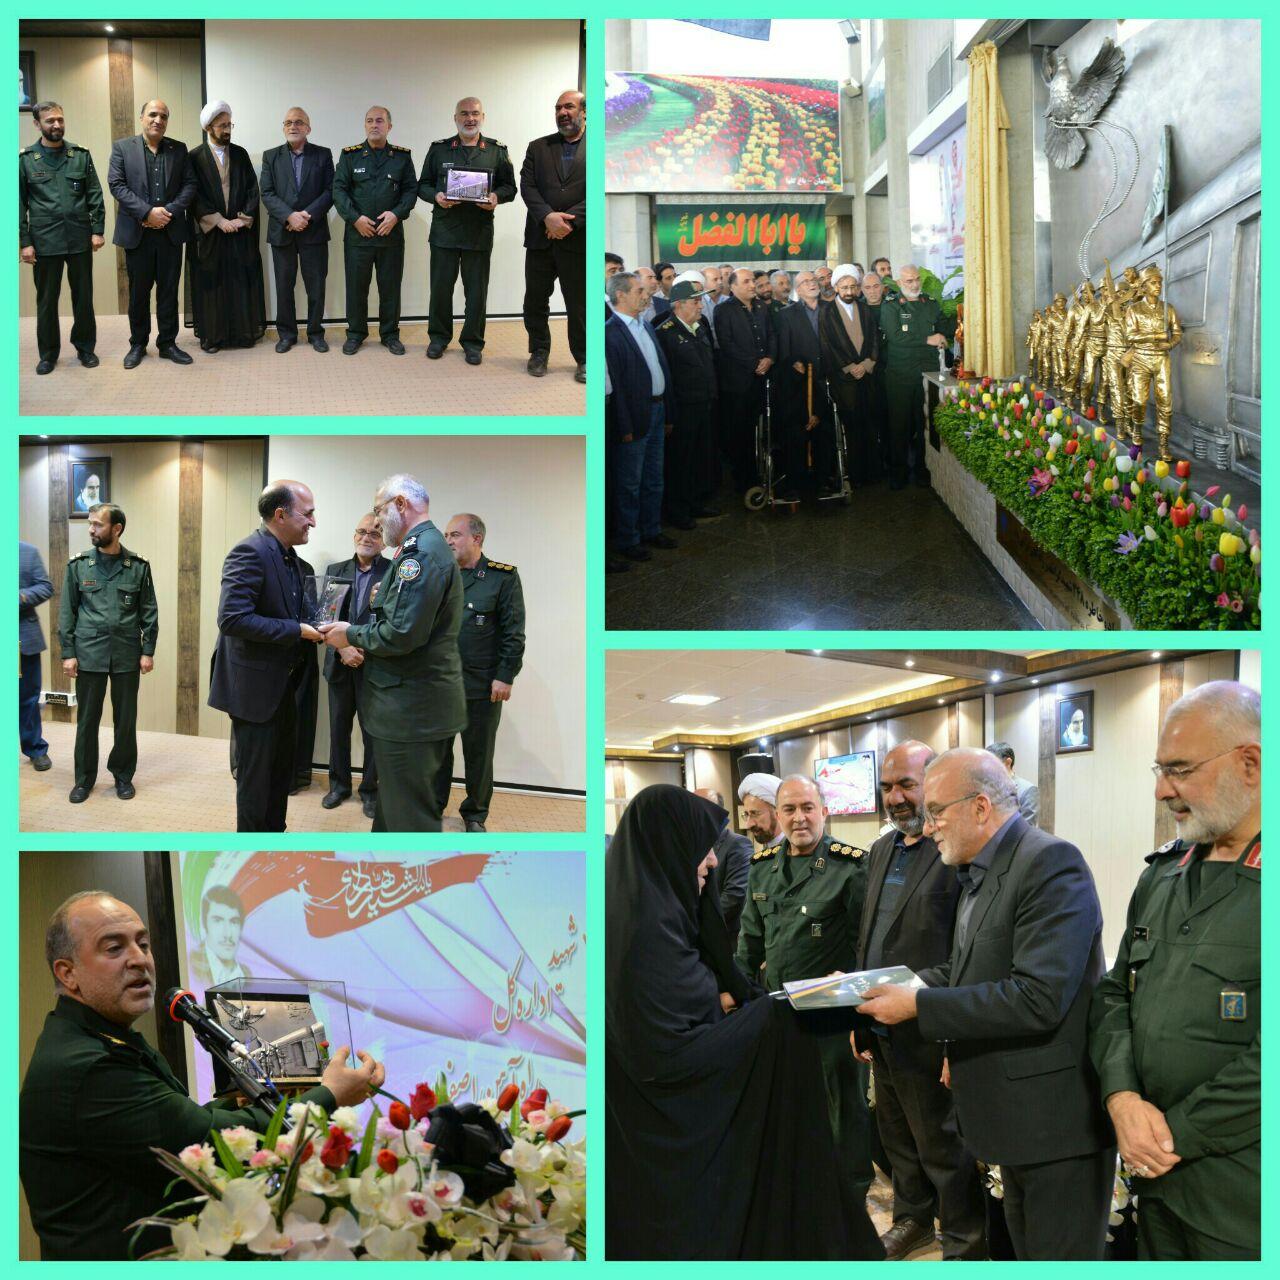 مراسم گرامیداشت 248 شهید راهآهن ج.ا.ا بمناسبت 25 آبان روز حماسه و ایثار در اصفهان